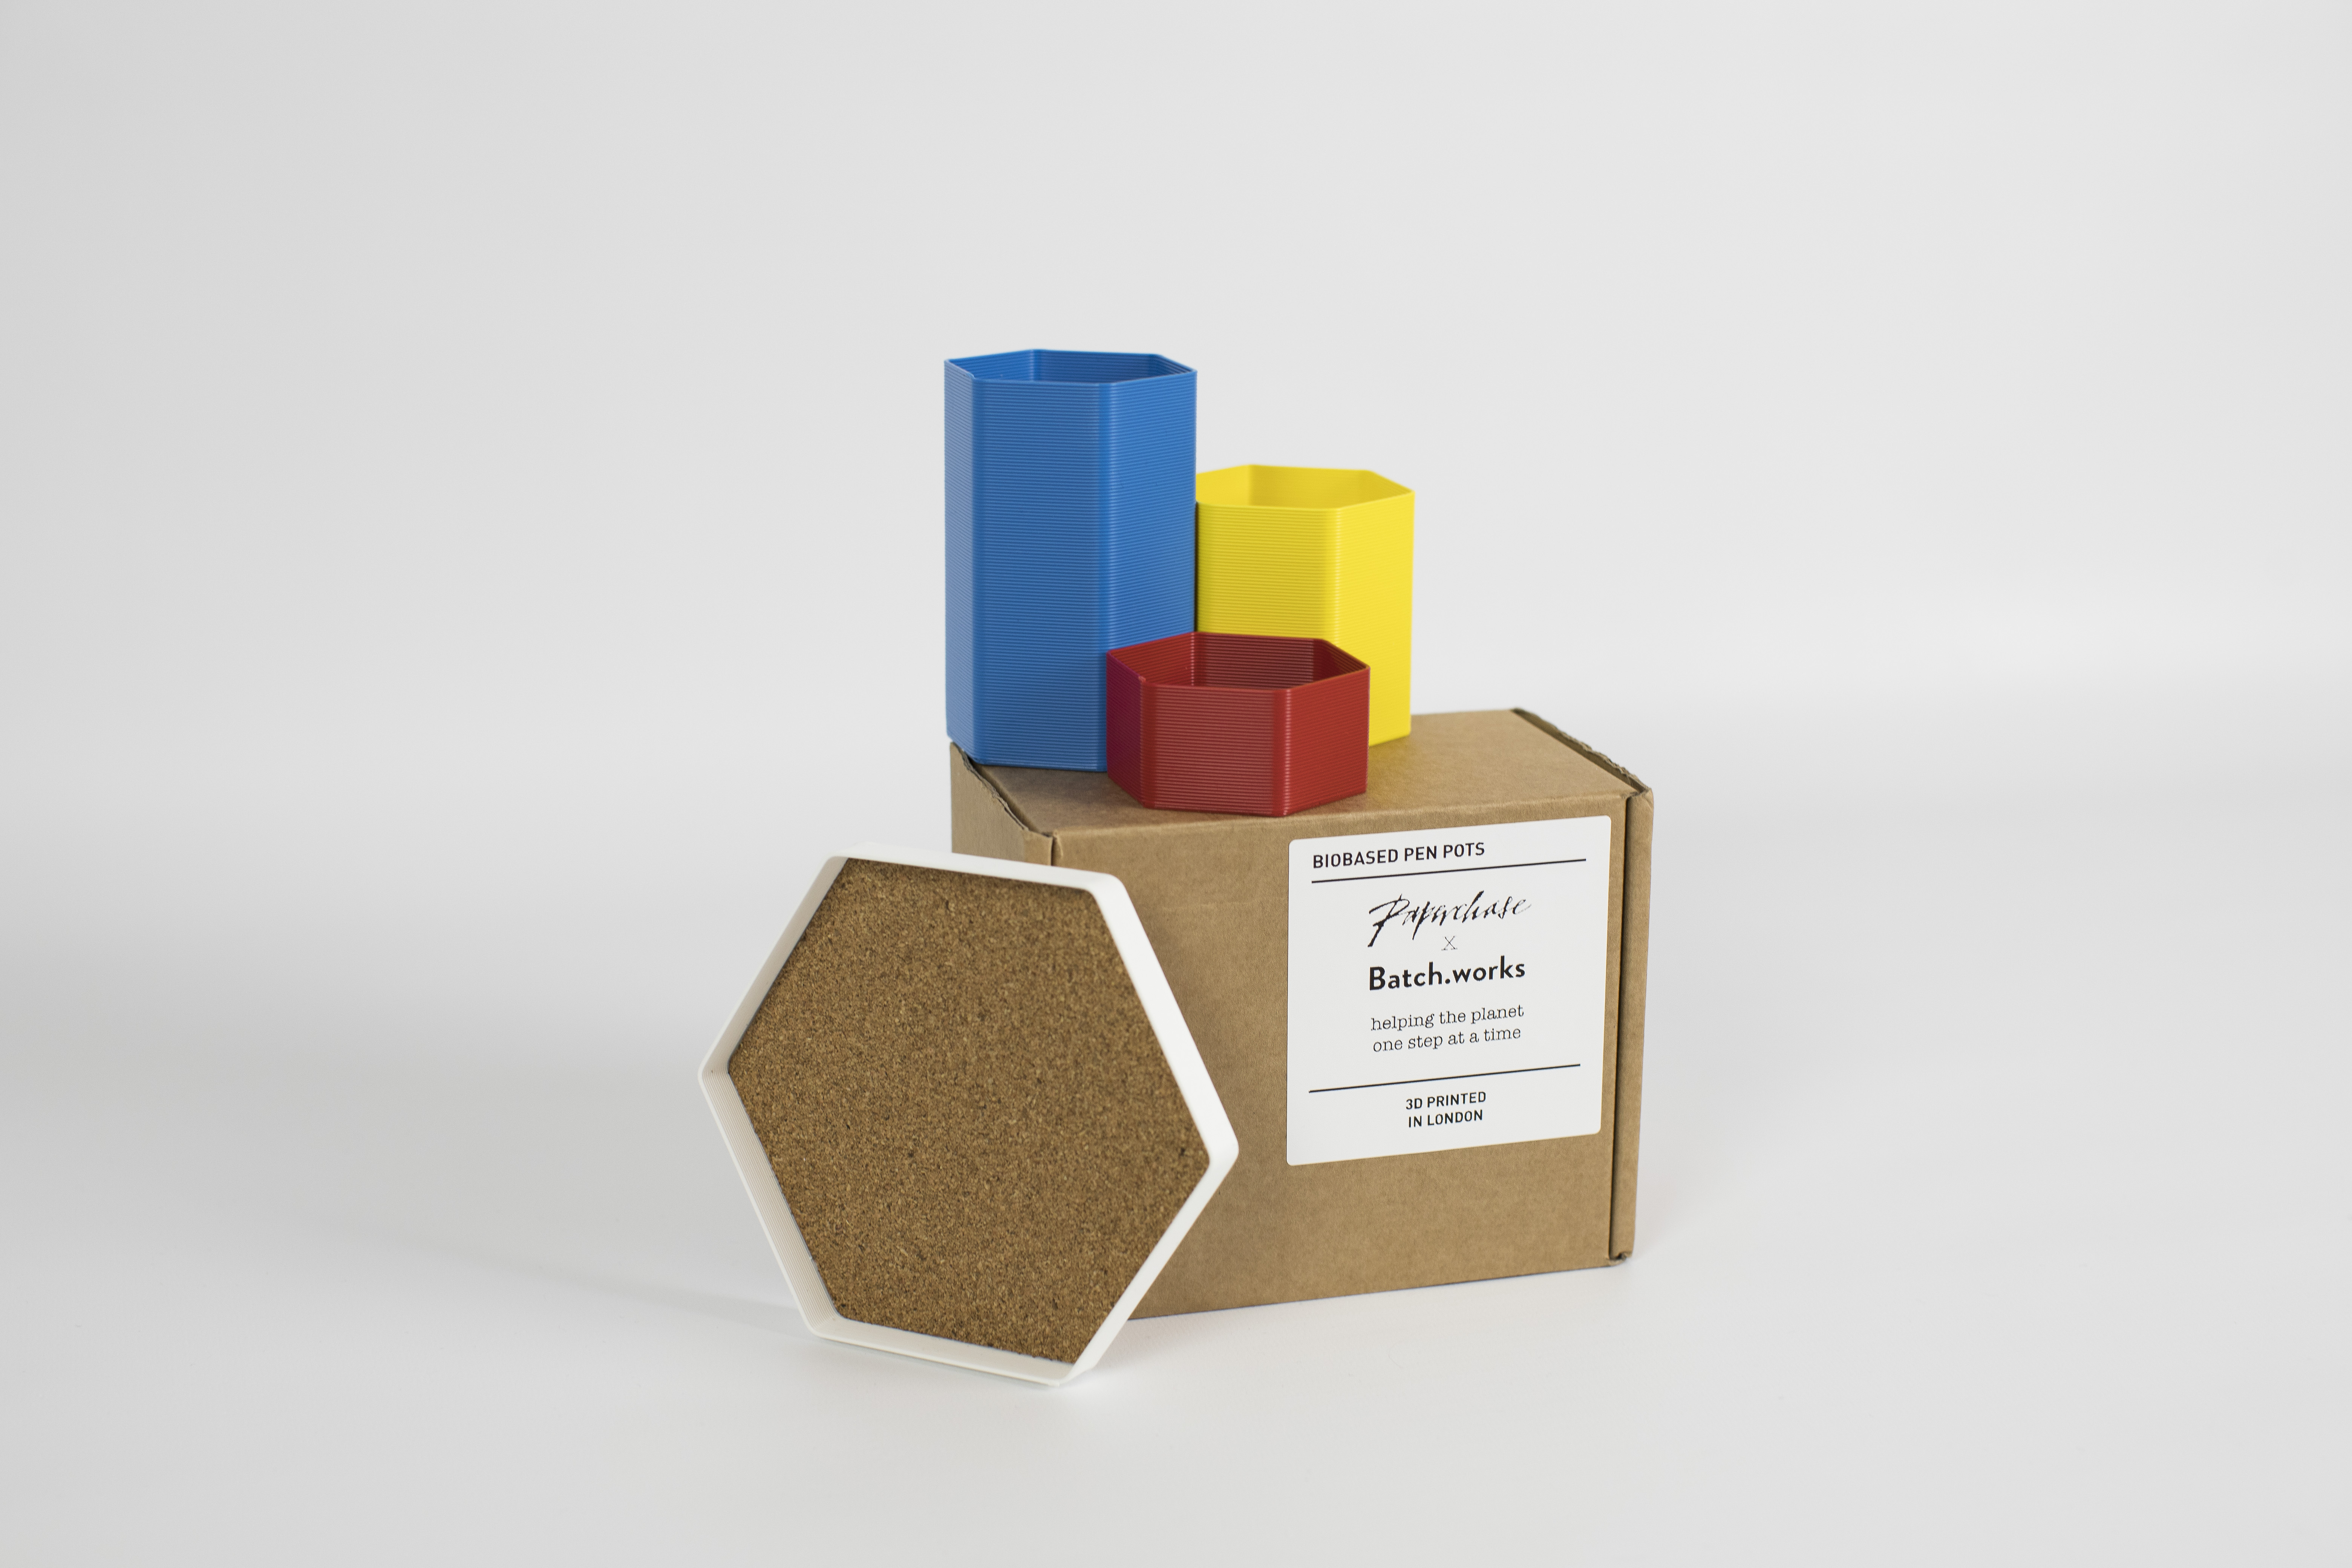 3D printed biodegradable pen pots. Photo via Batch.Works.